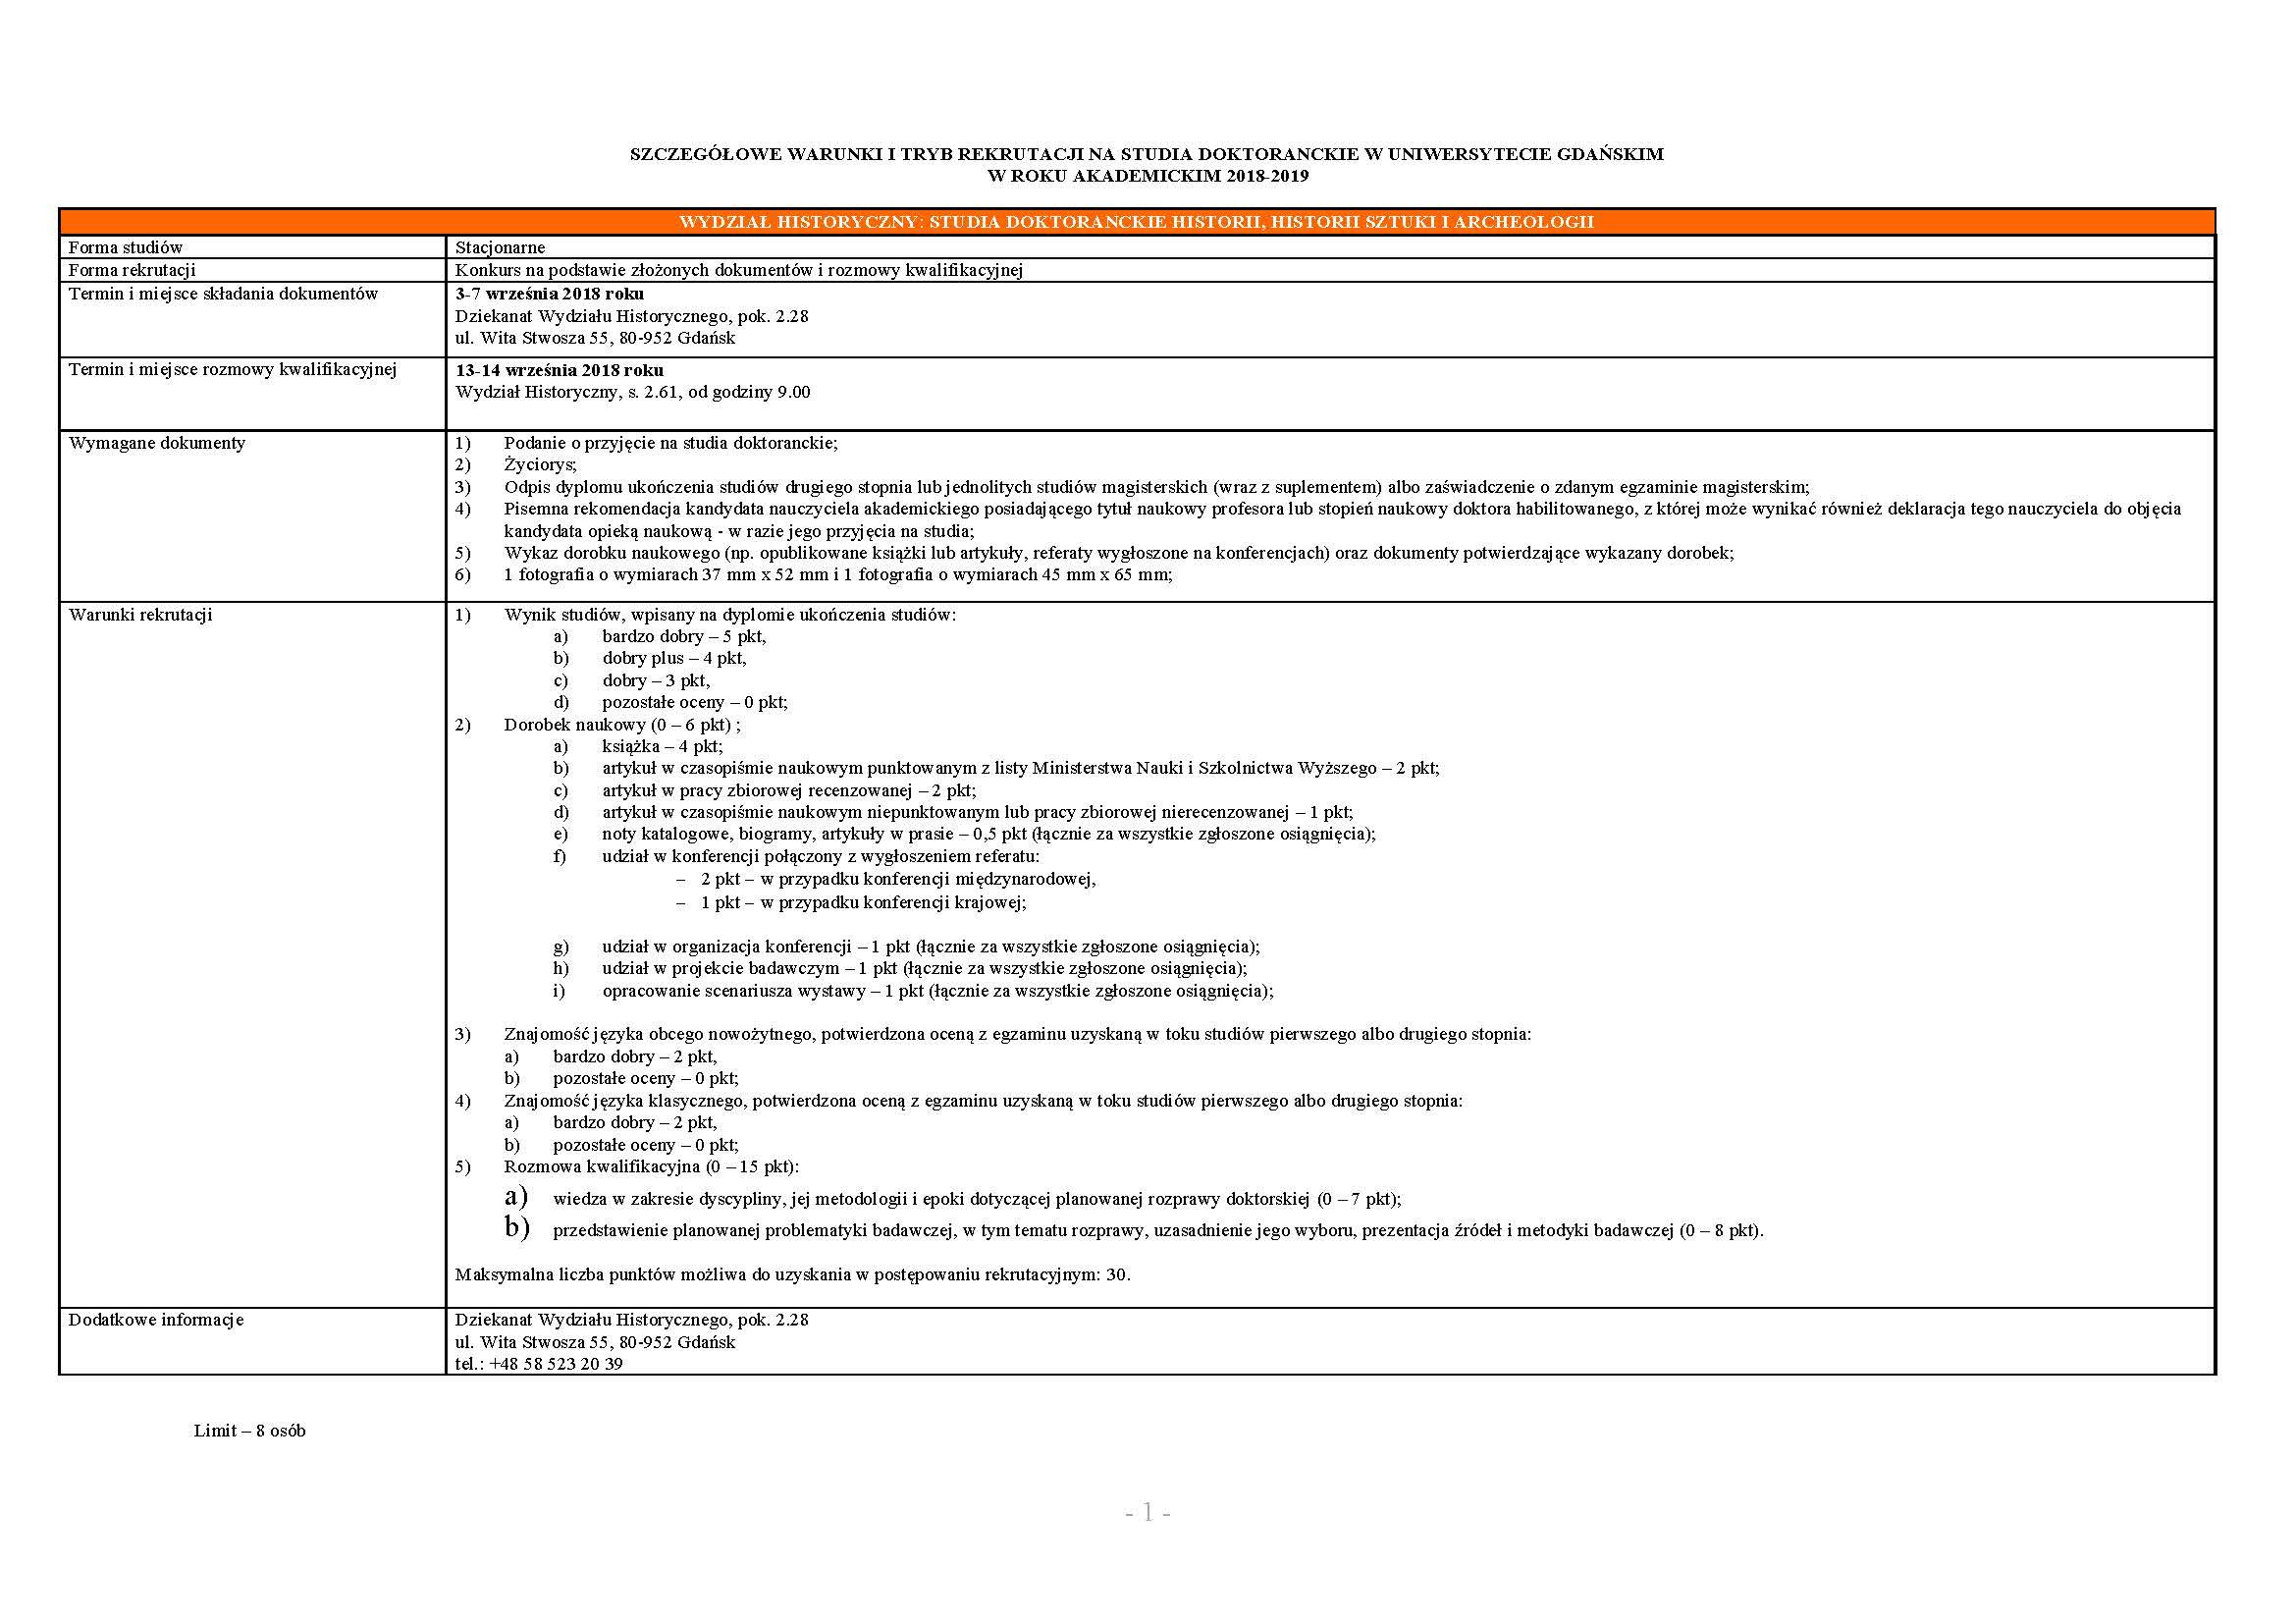 Szczegółowe warunki rekrutacji st. dokt